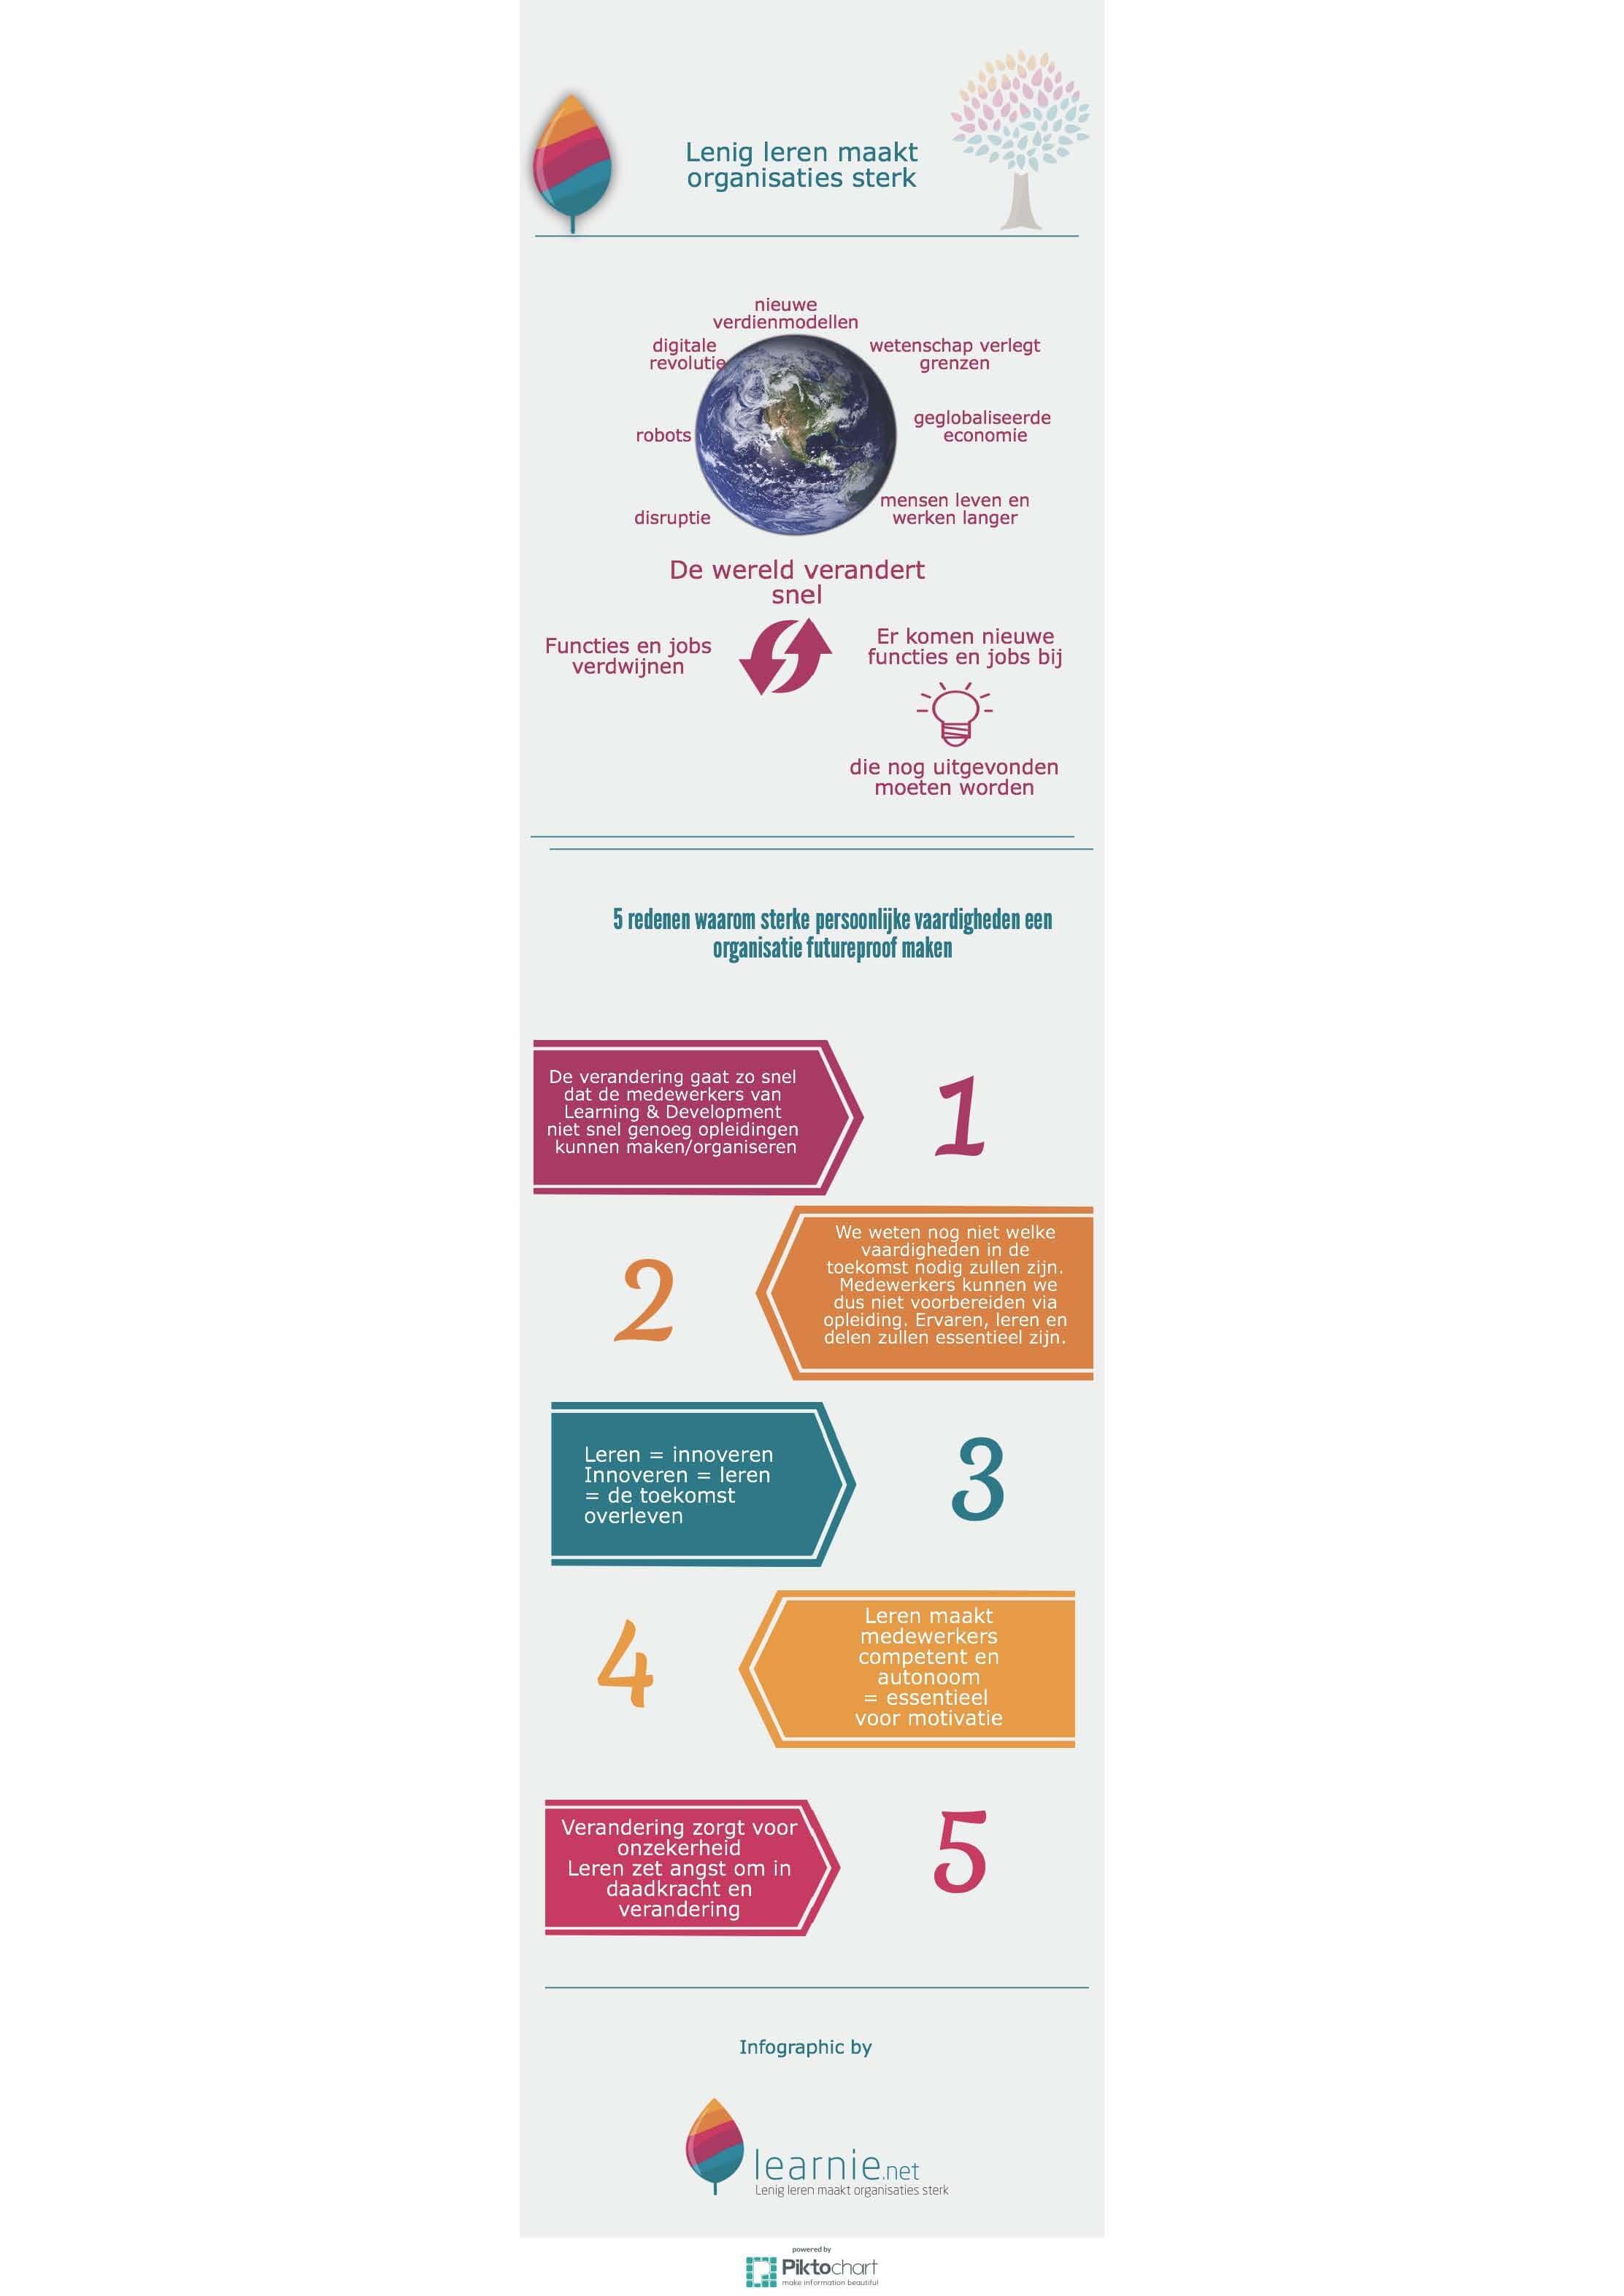 lenig-leren-als-concurrenten-voordeel-2